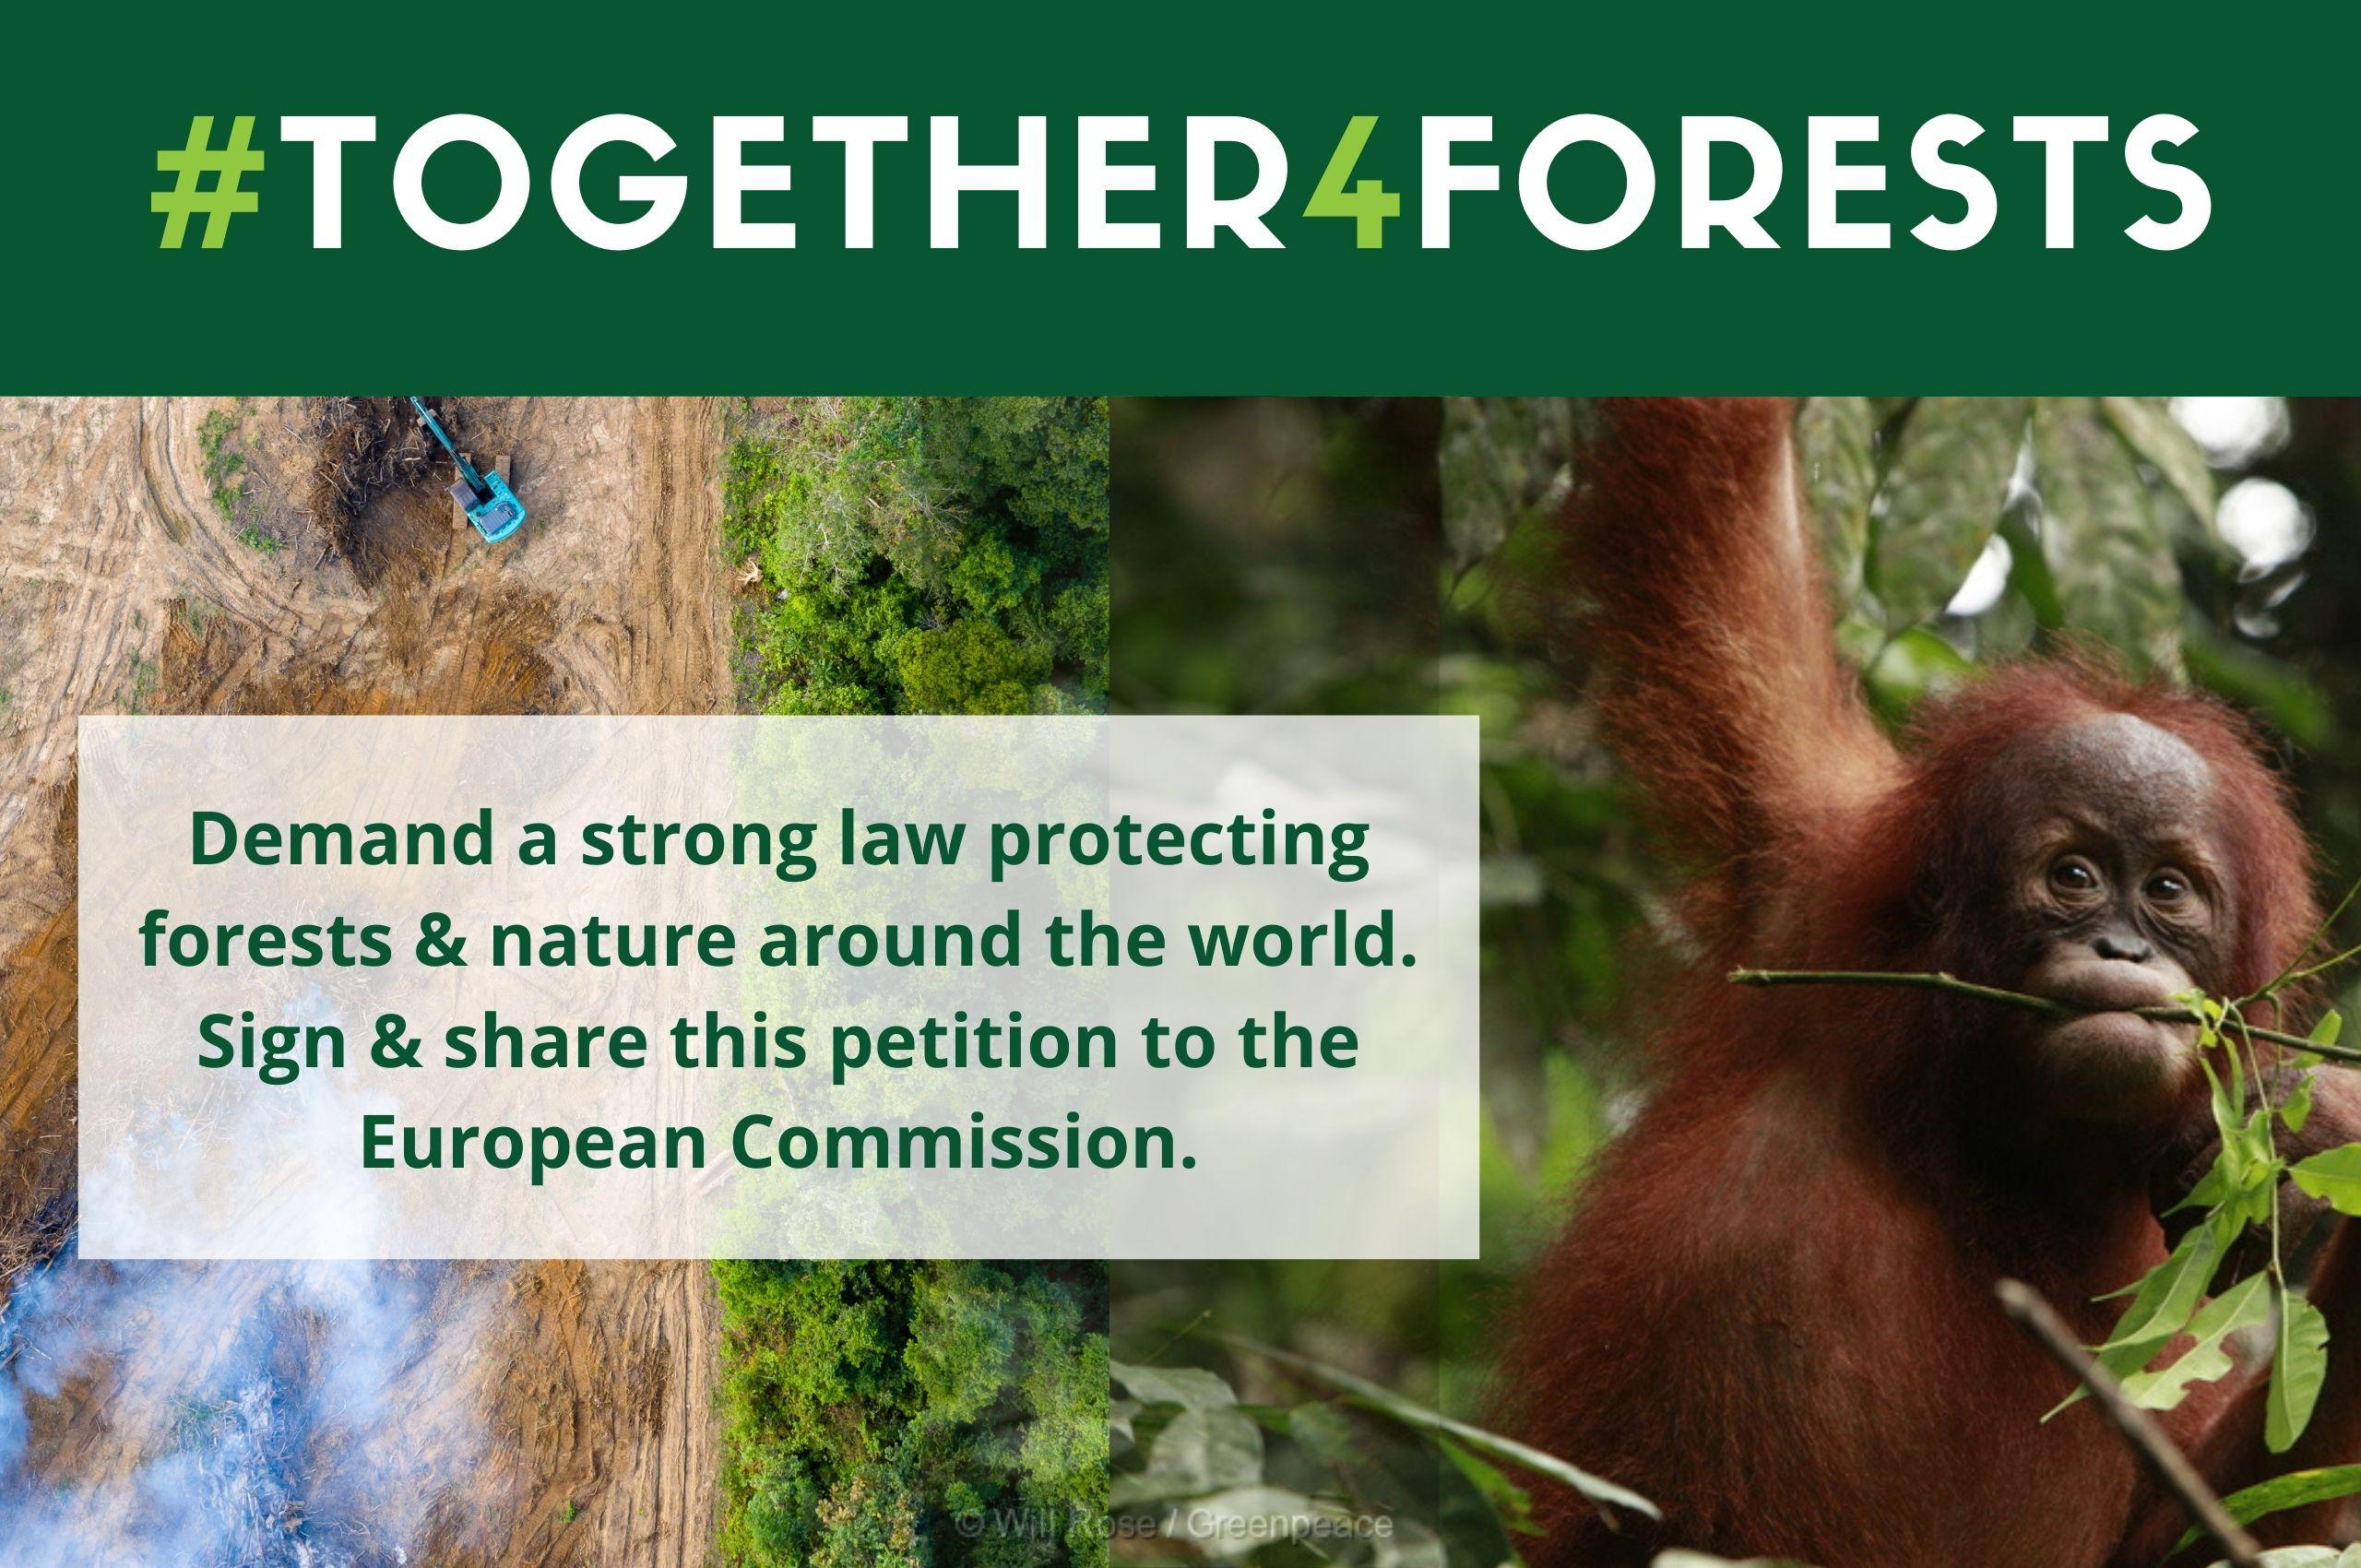 Together4Forest